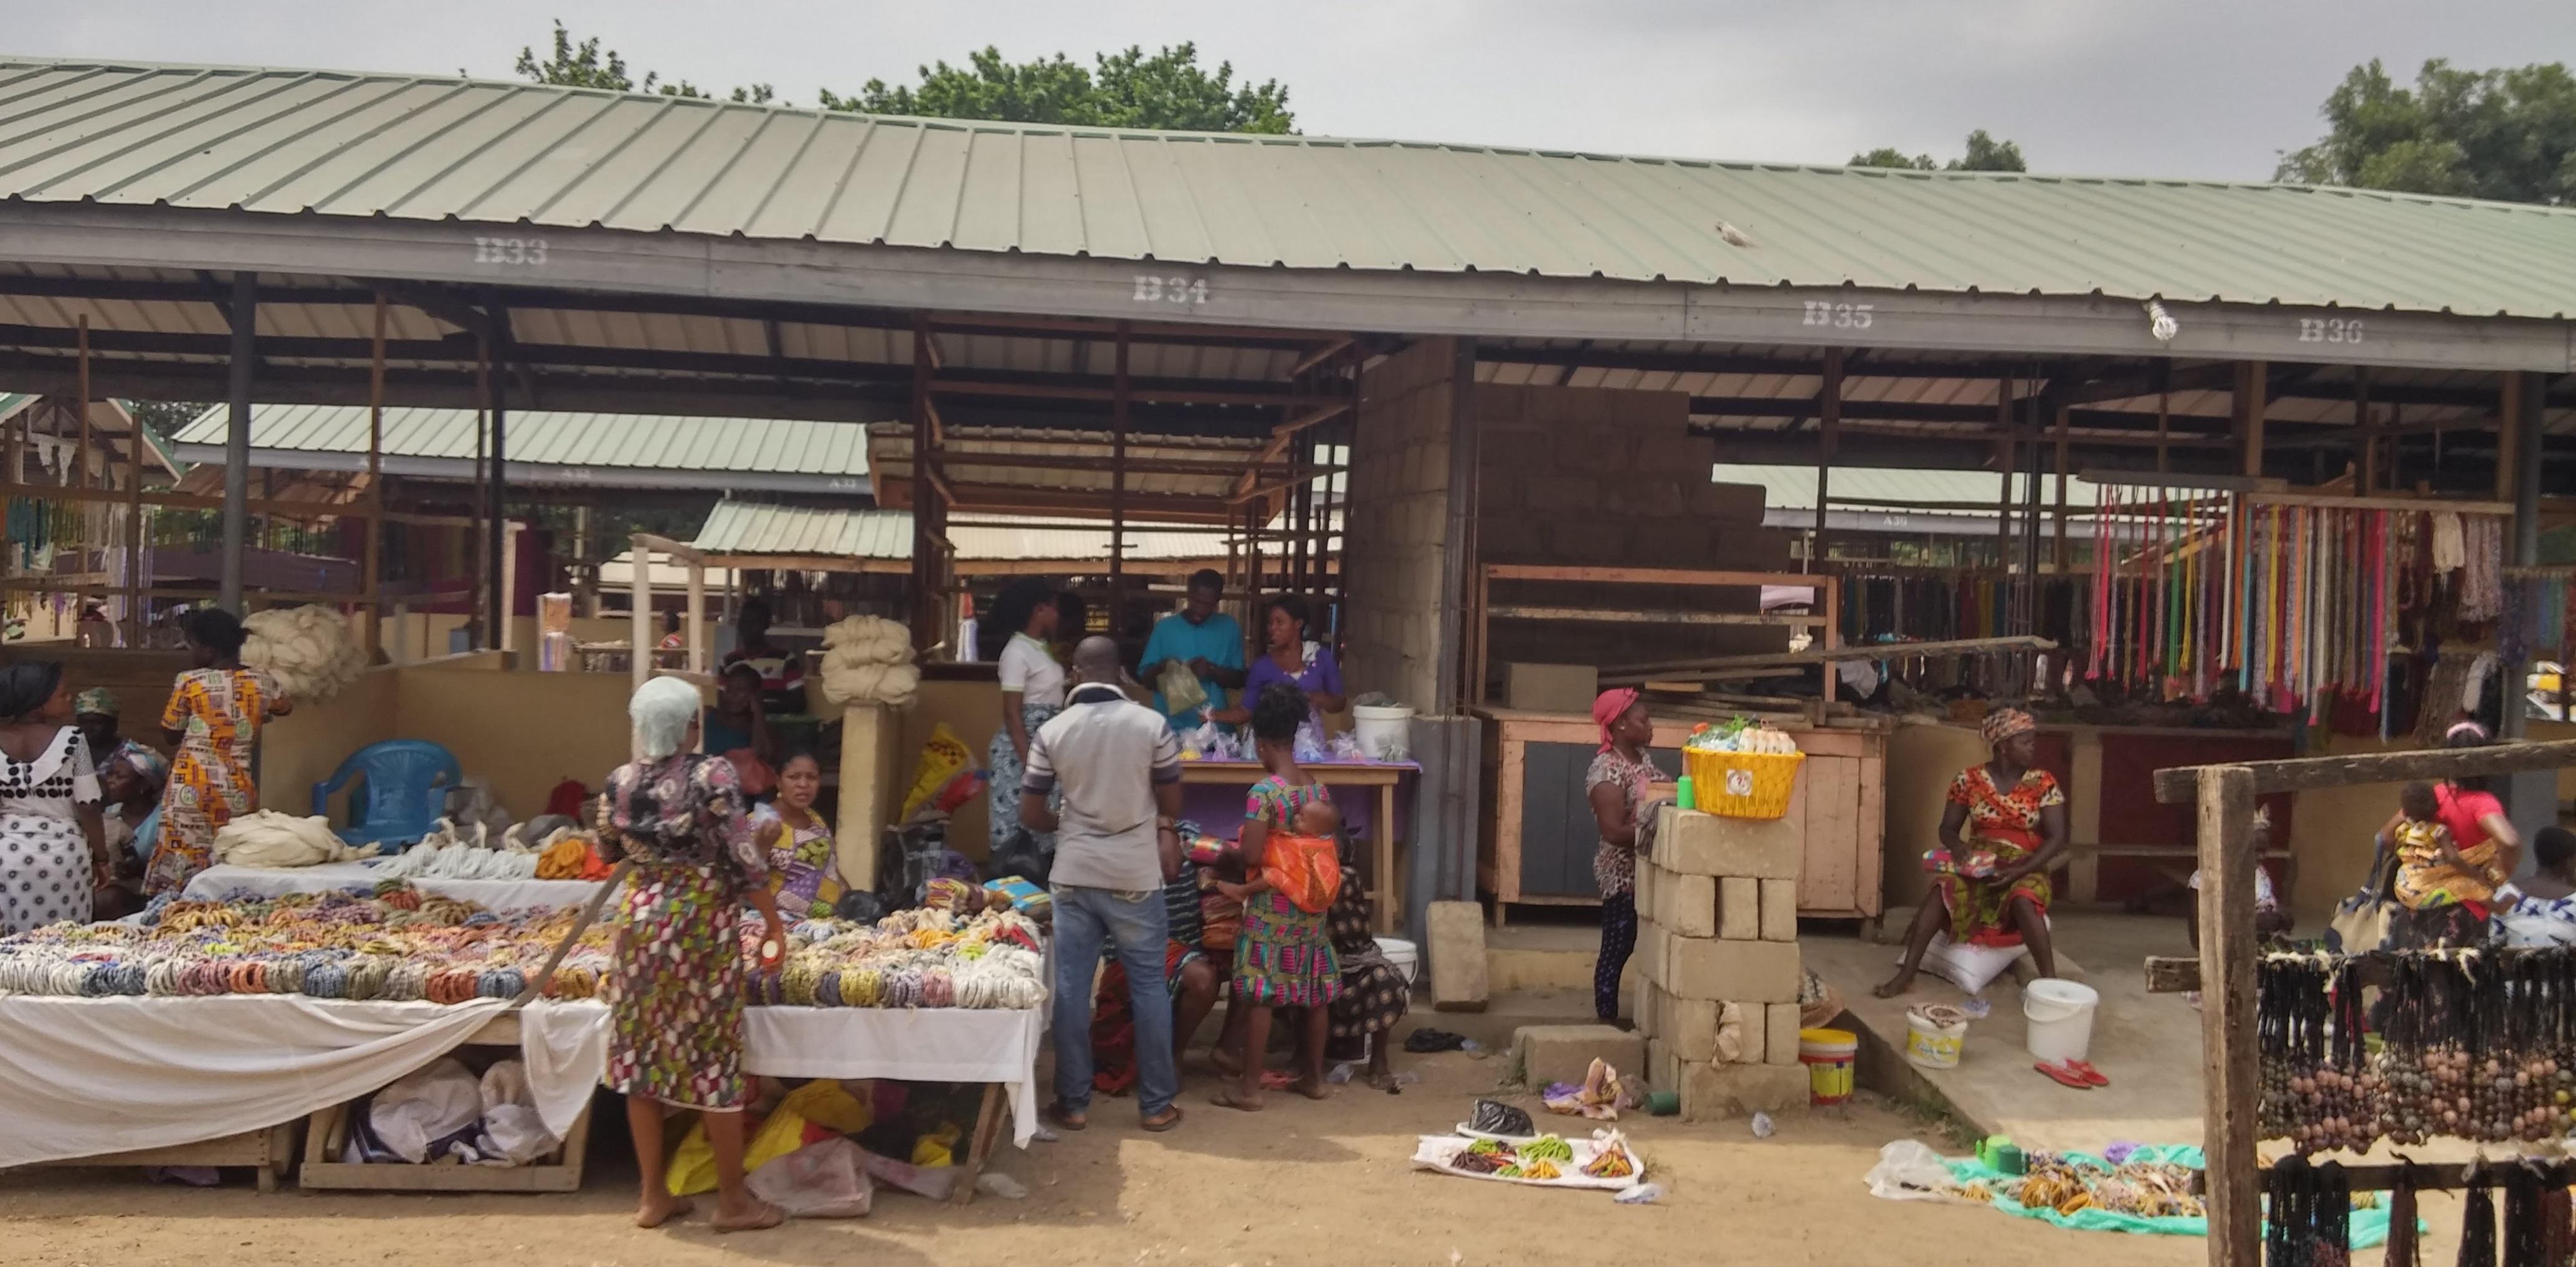 שוק החרוזים בגאנה